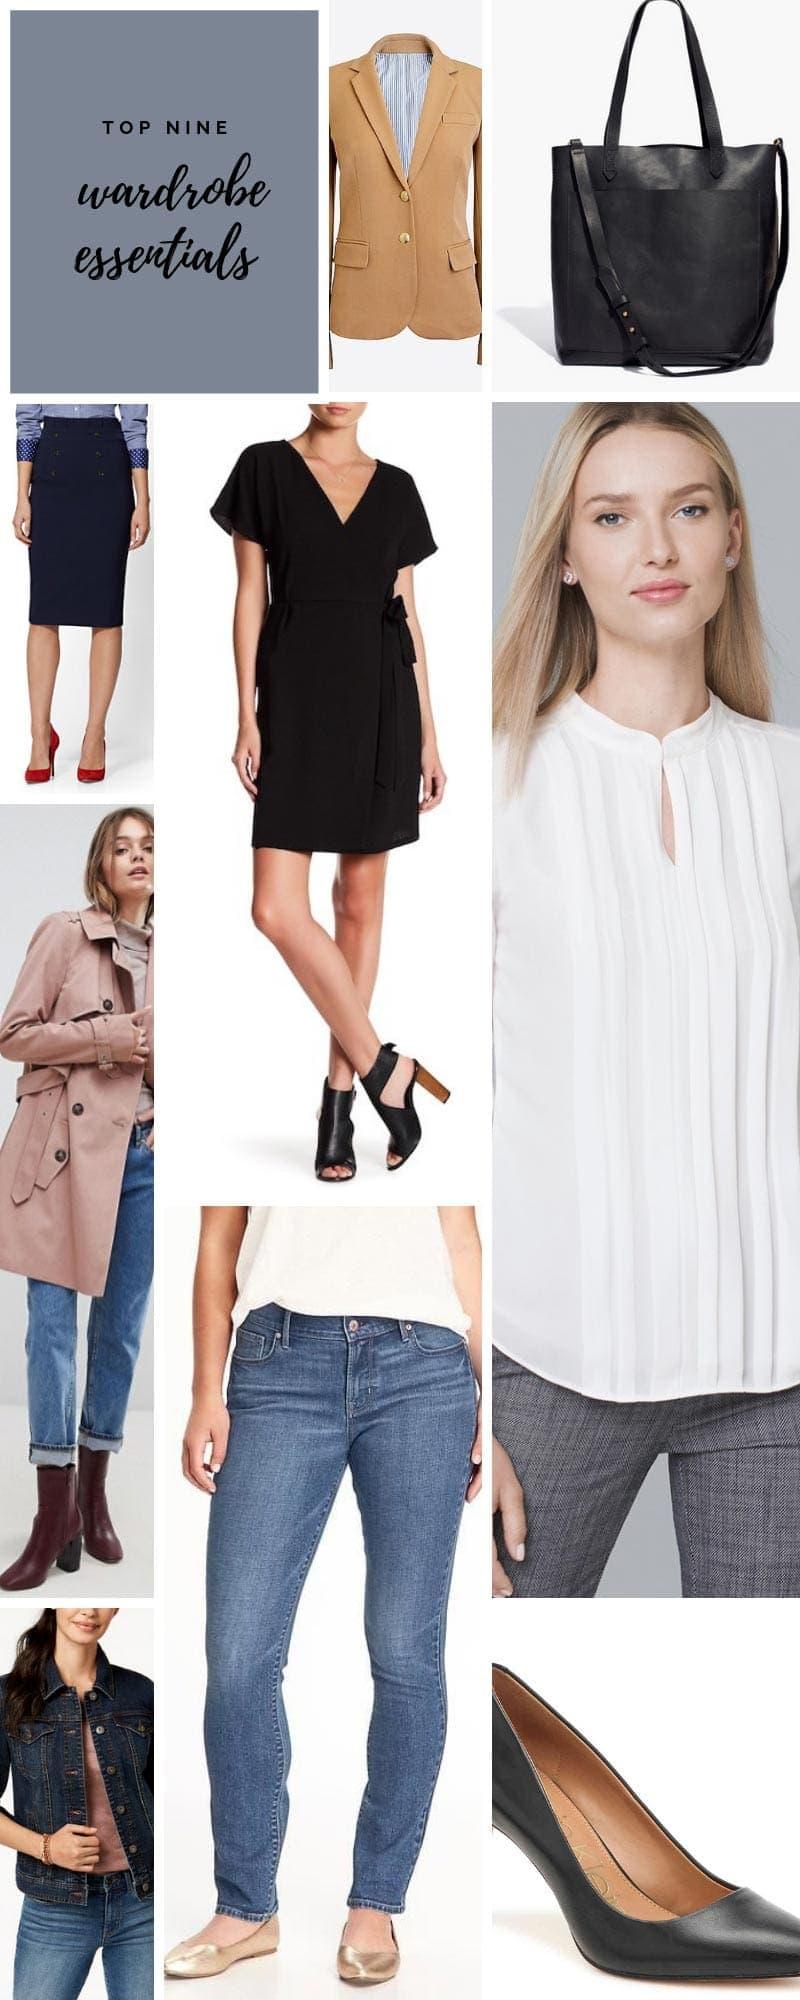 Collage of top nine wardrobe essentials